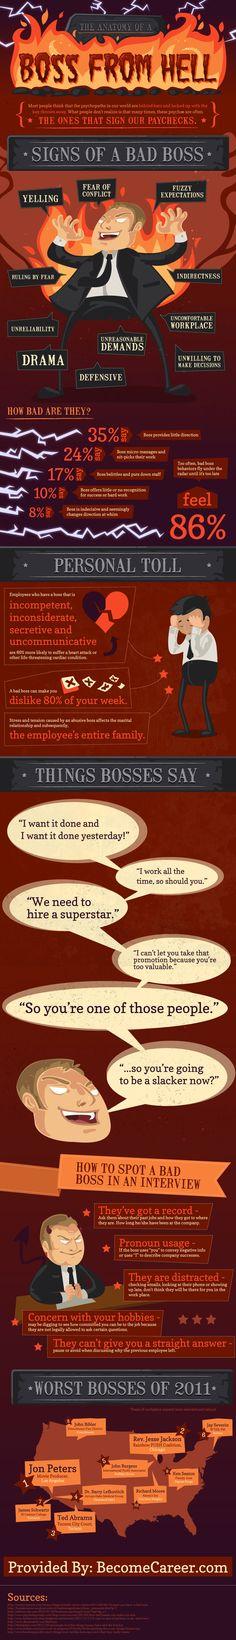 Mi jefe es el mismo demonio